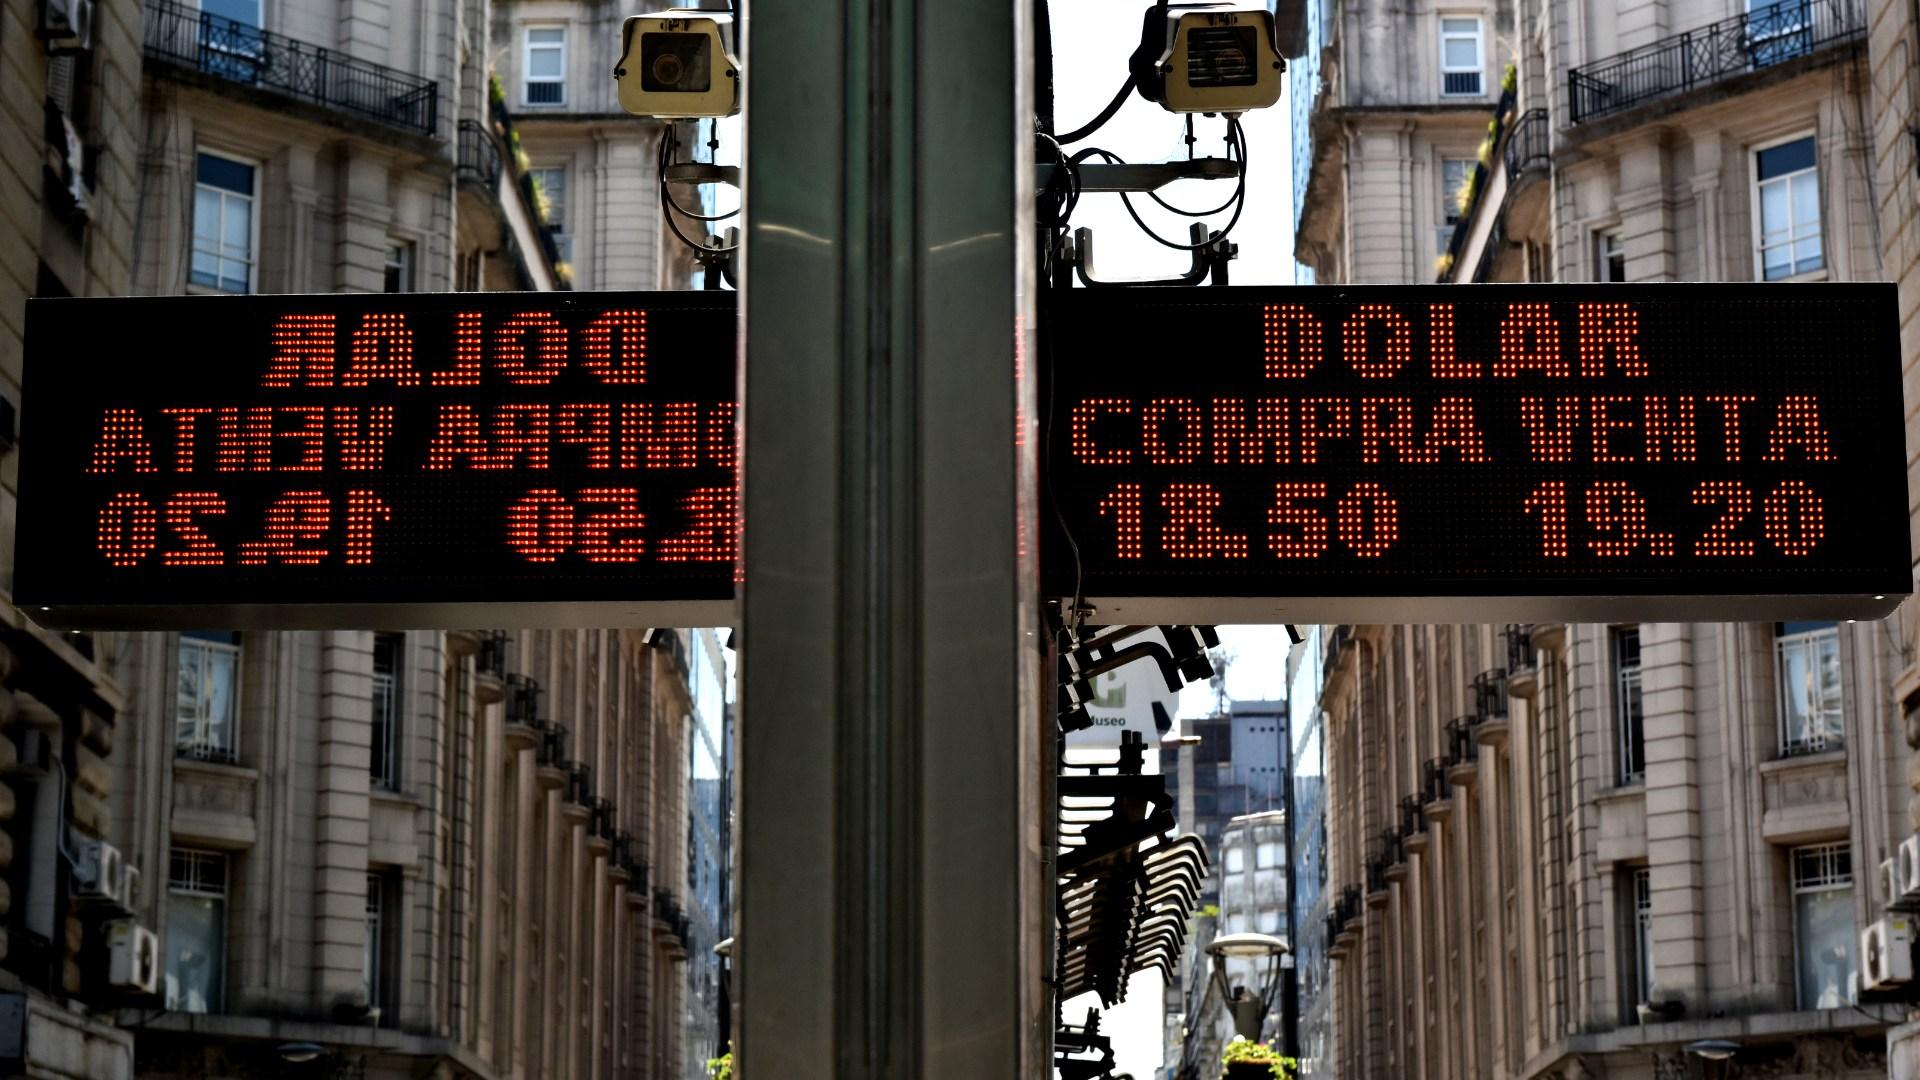 El tipo de cambio volvió a niveles cercanos que tenía antes del movimiento de tasas, pero se espera que vuelva a acomodarse entre los registros máximos de la semana anterior (Adrián Escandar)